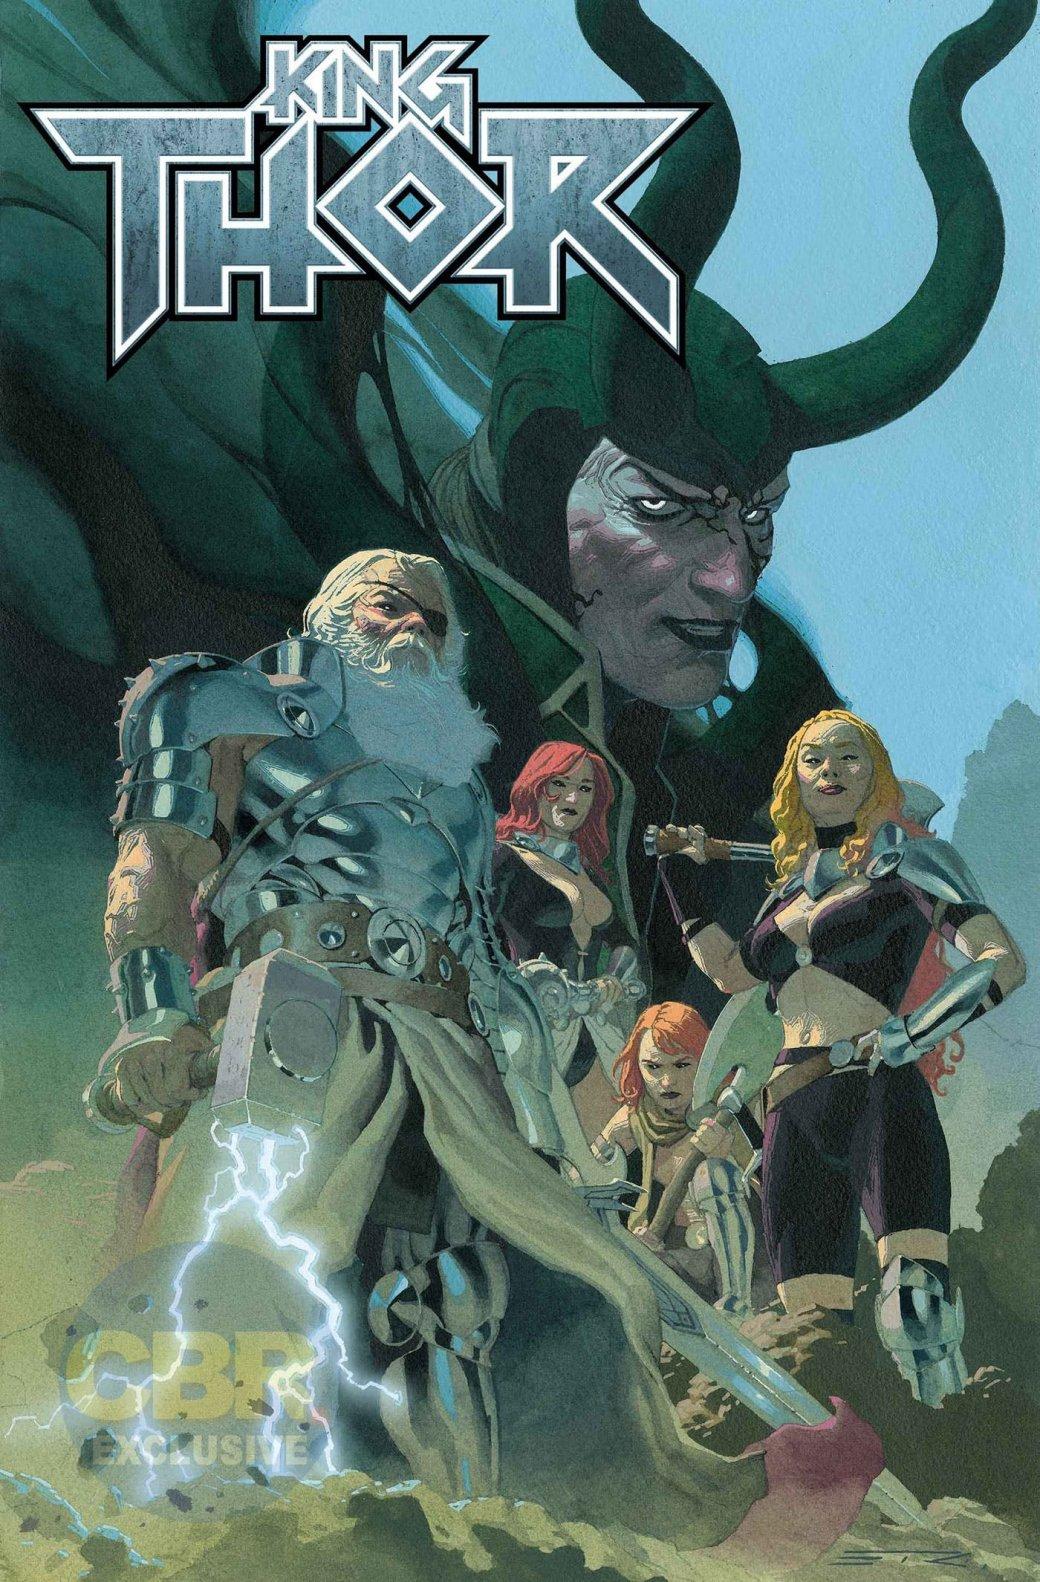 Marvel наконец анонсировала комикс про Короля Тора— бога грома вдалеком будущем, где онВсеотец   Канобу - Изображение 2